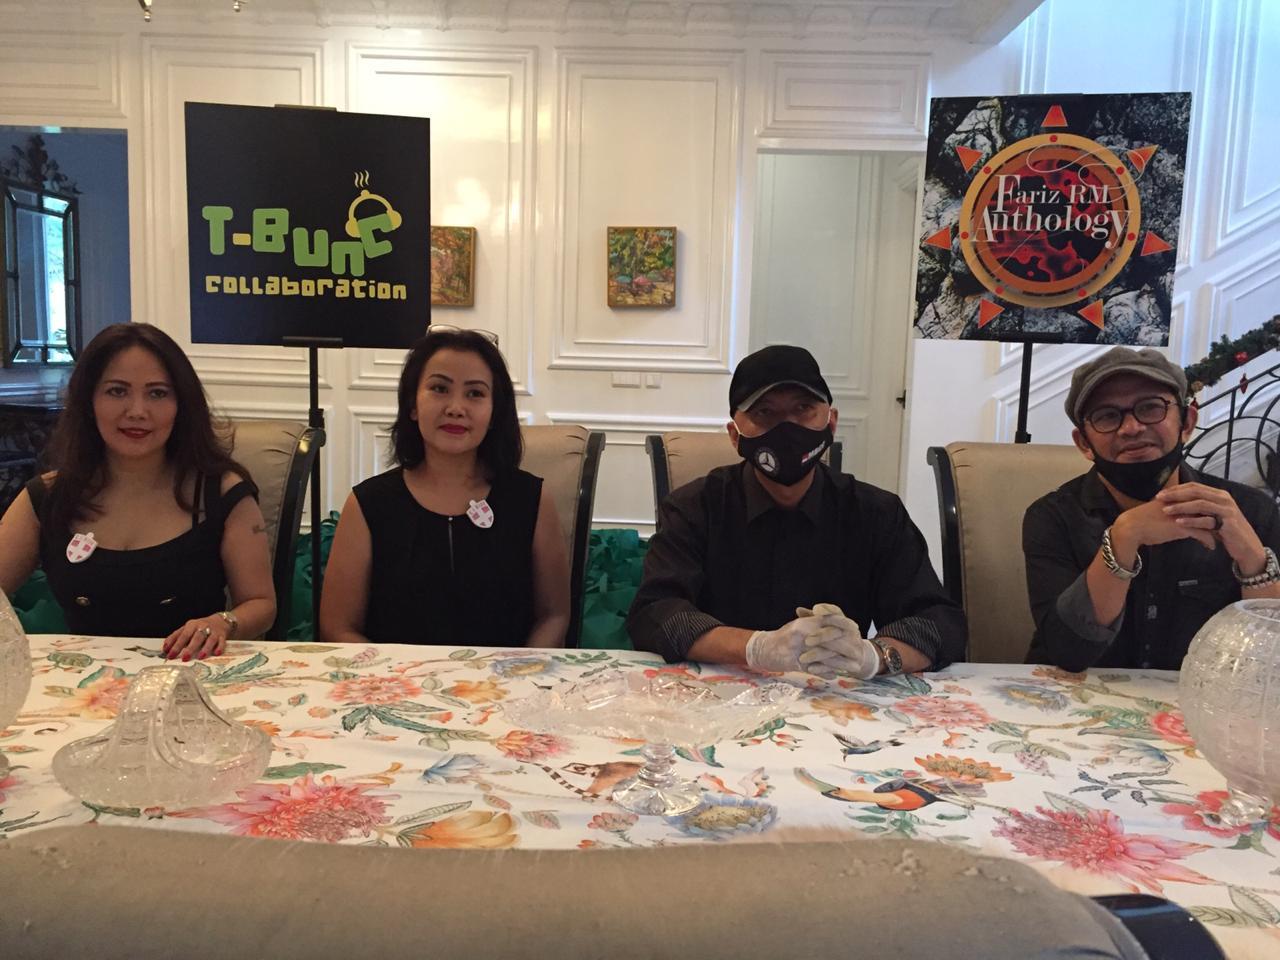 Fariz RM Management dan T-Bunc Collaboration Donasi Pandemi Covid19 Bagi Pekerja Seni dan Jurnalis GPJ